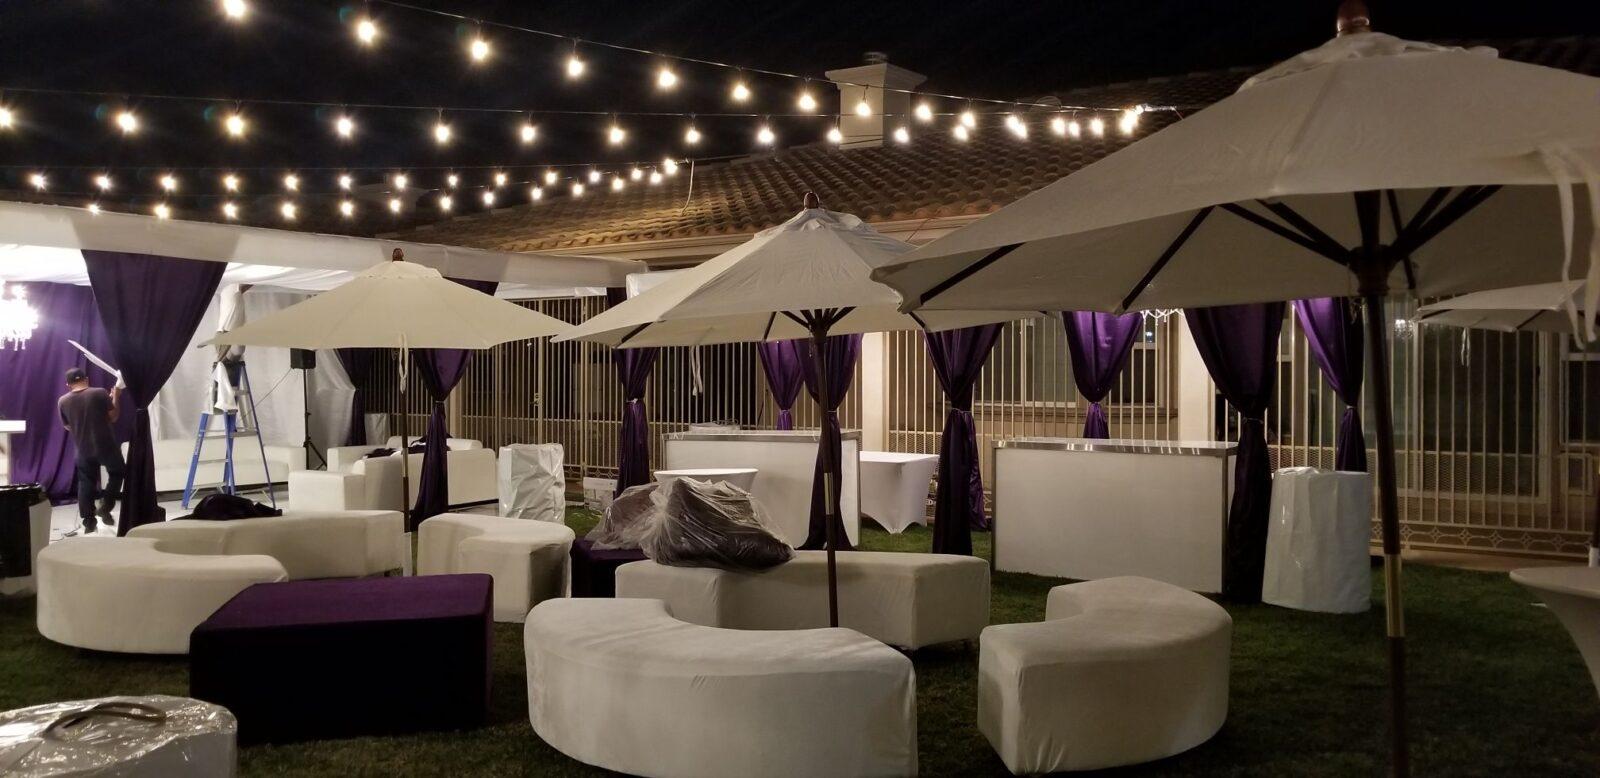 San Fernando Valley Party Rentals Los Angeles Party Rentals